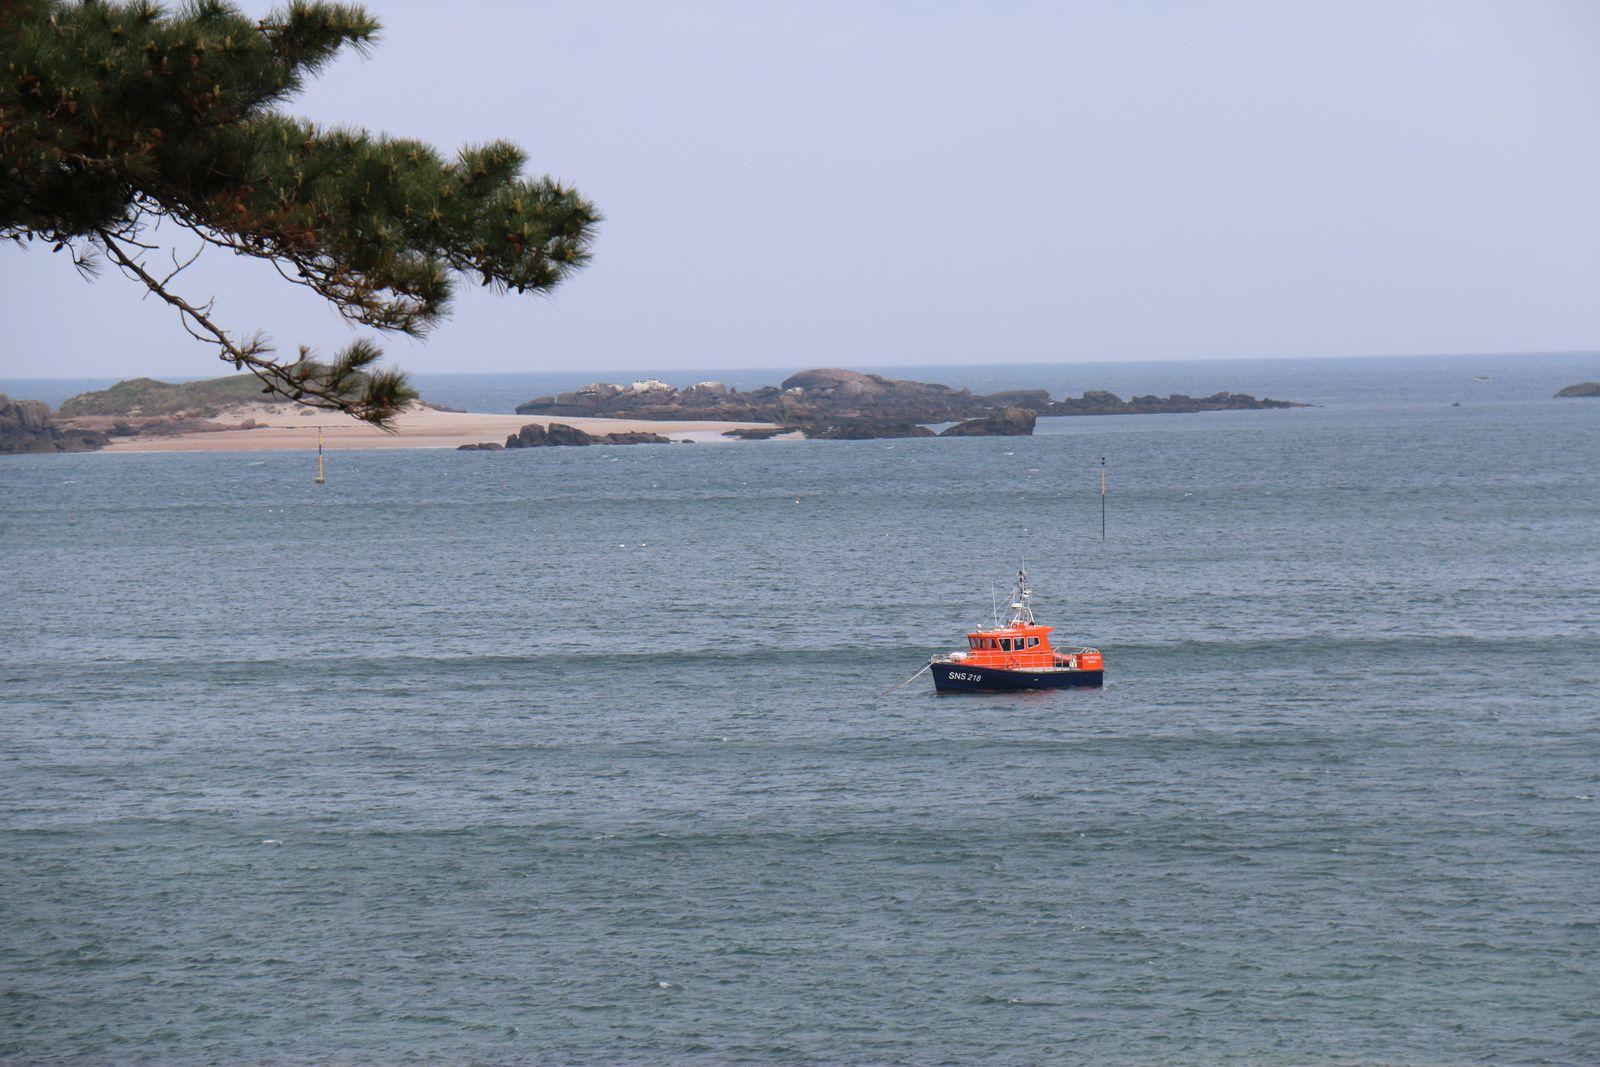 Canot de la SNSM au mouillage devant l'île de Molène.